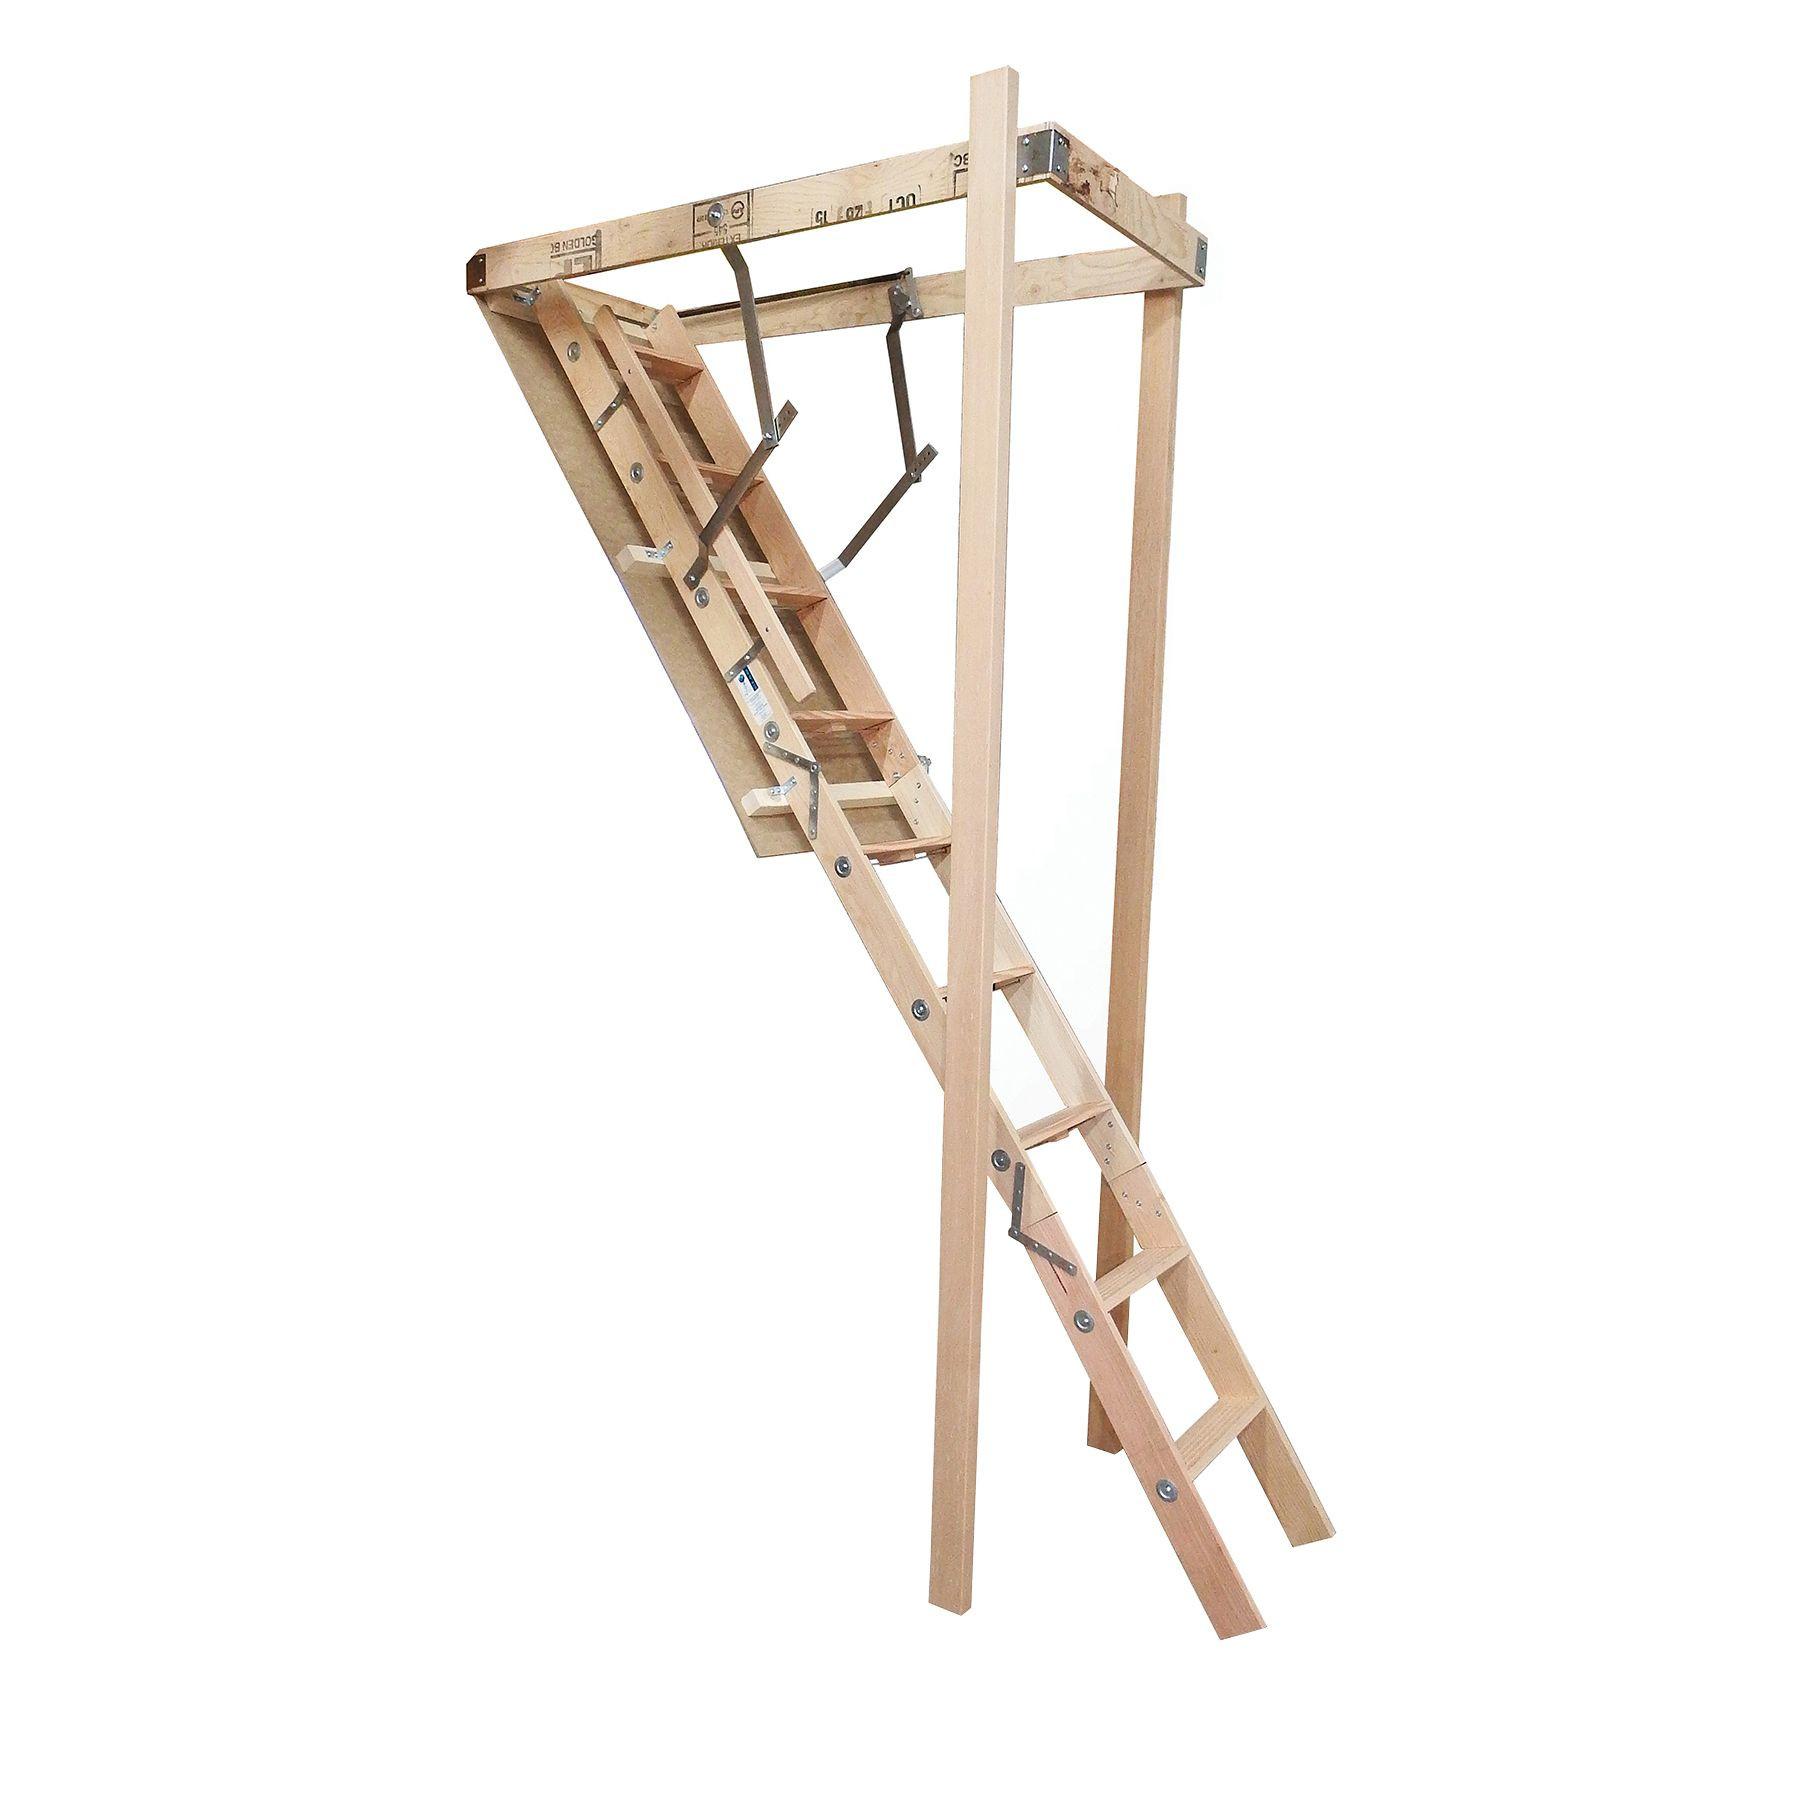 Echelle De Meunier Leroy Merlin Meilleur De Photos Plupart De Spectaculaire Escalier Pour Grenier Mod¨le De La Domicile